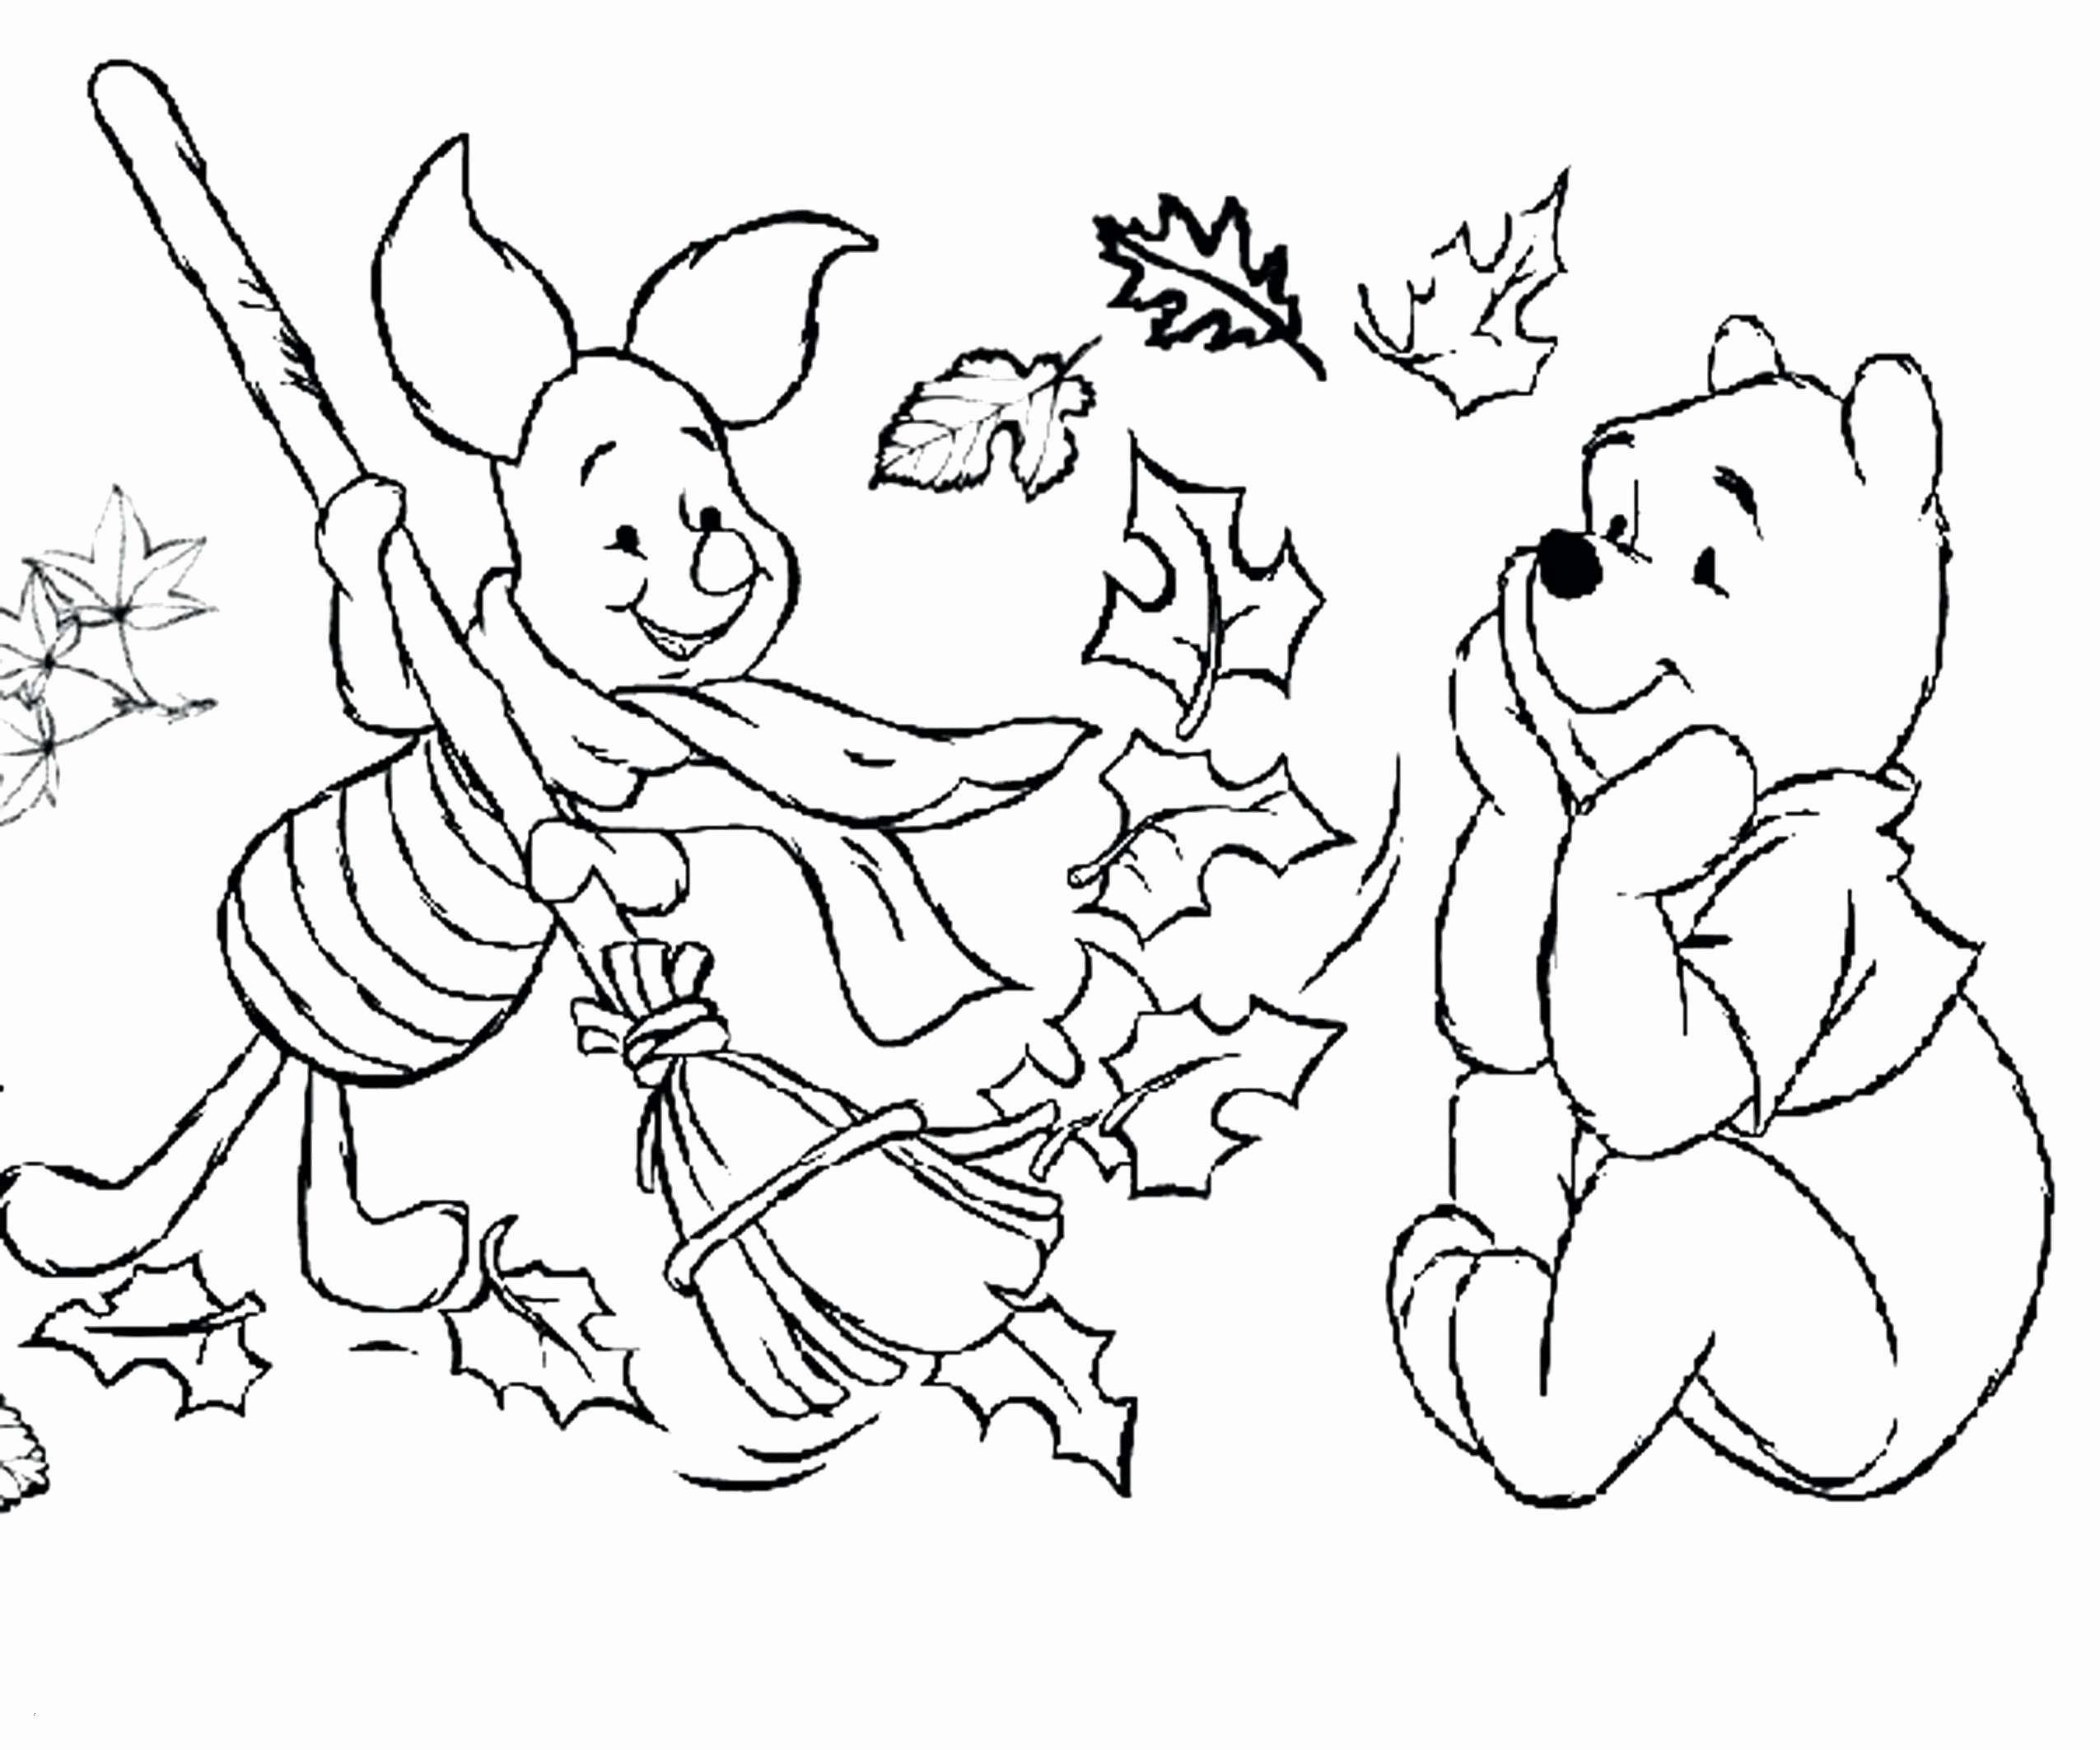 Einhorn Bilder Zum Ausdrucken Neu 35 Einhorn Malvorlagen Scoredatscore Schön Pokemon Ausmalbilder Zum Fotos